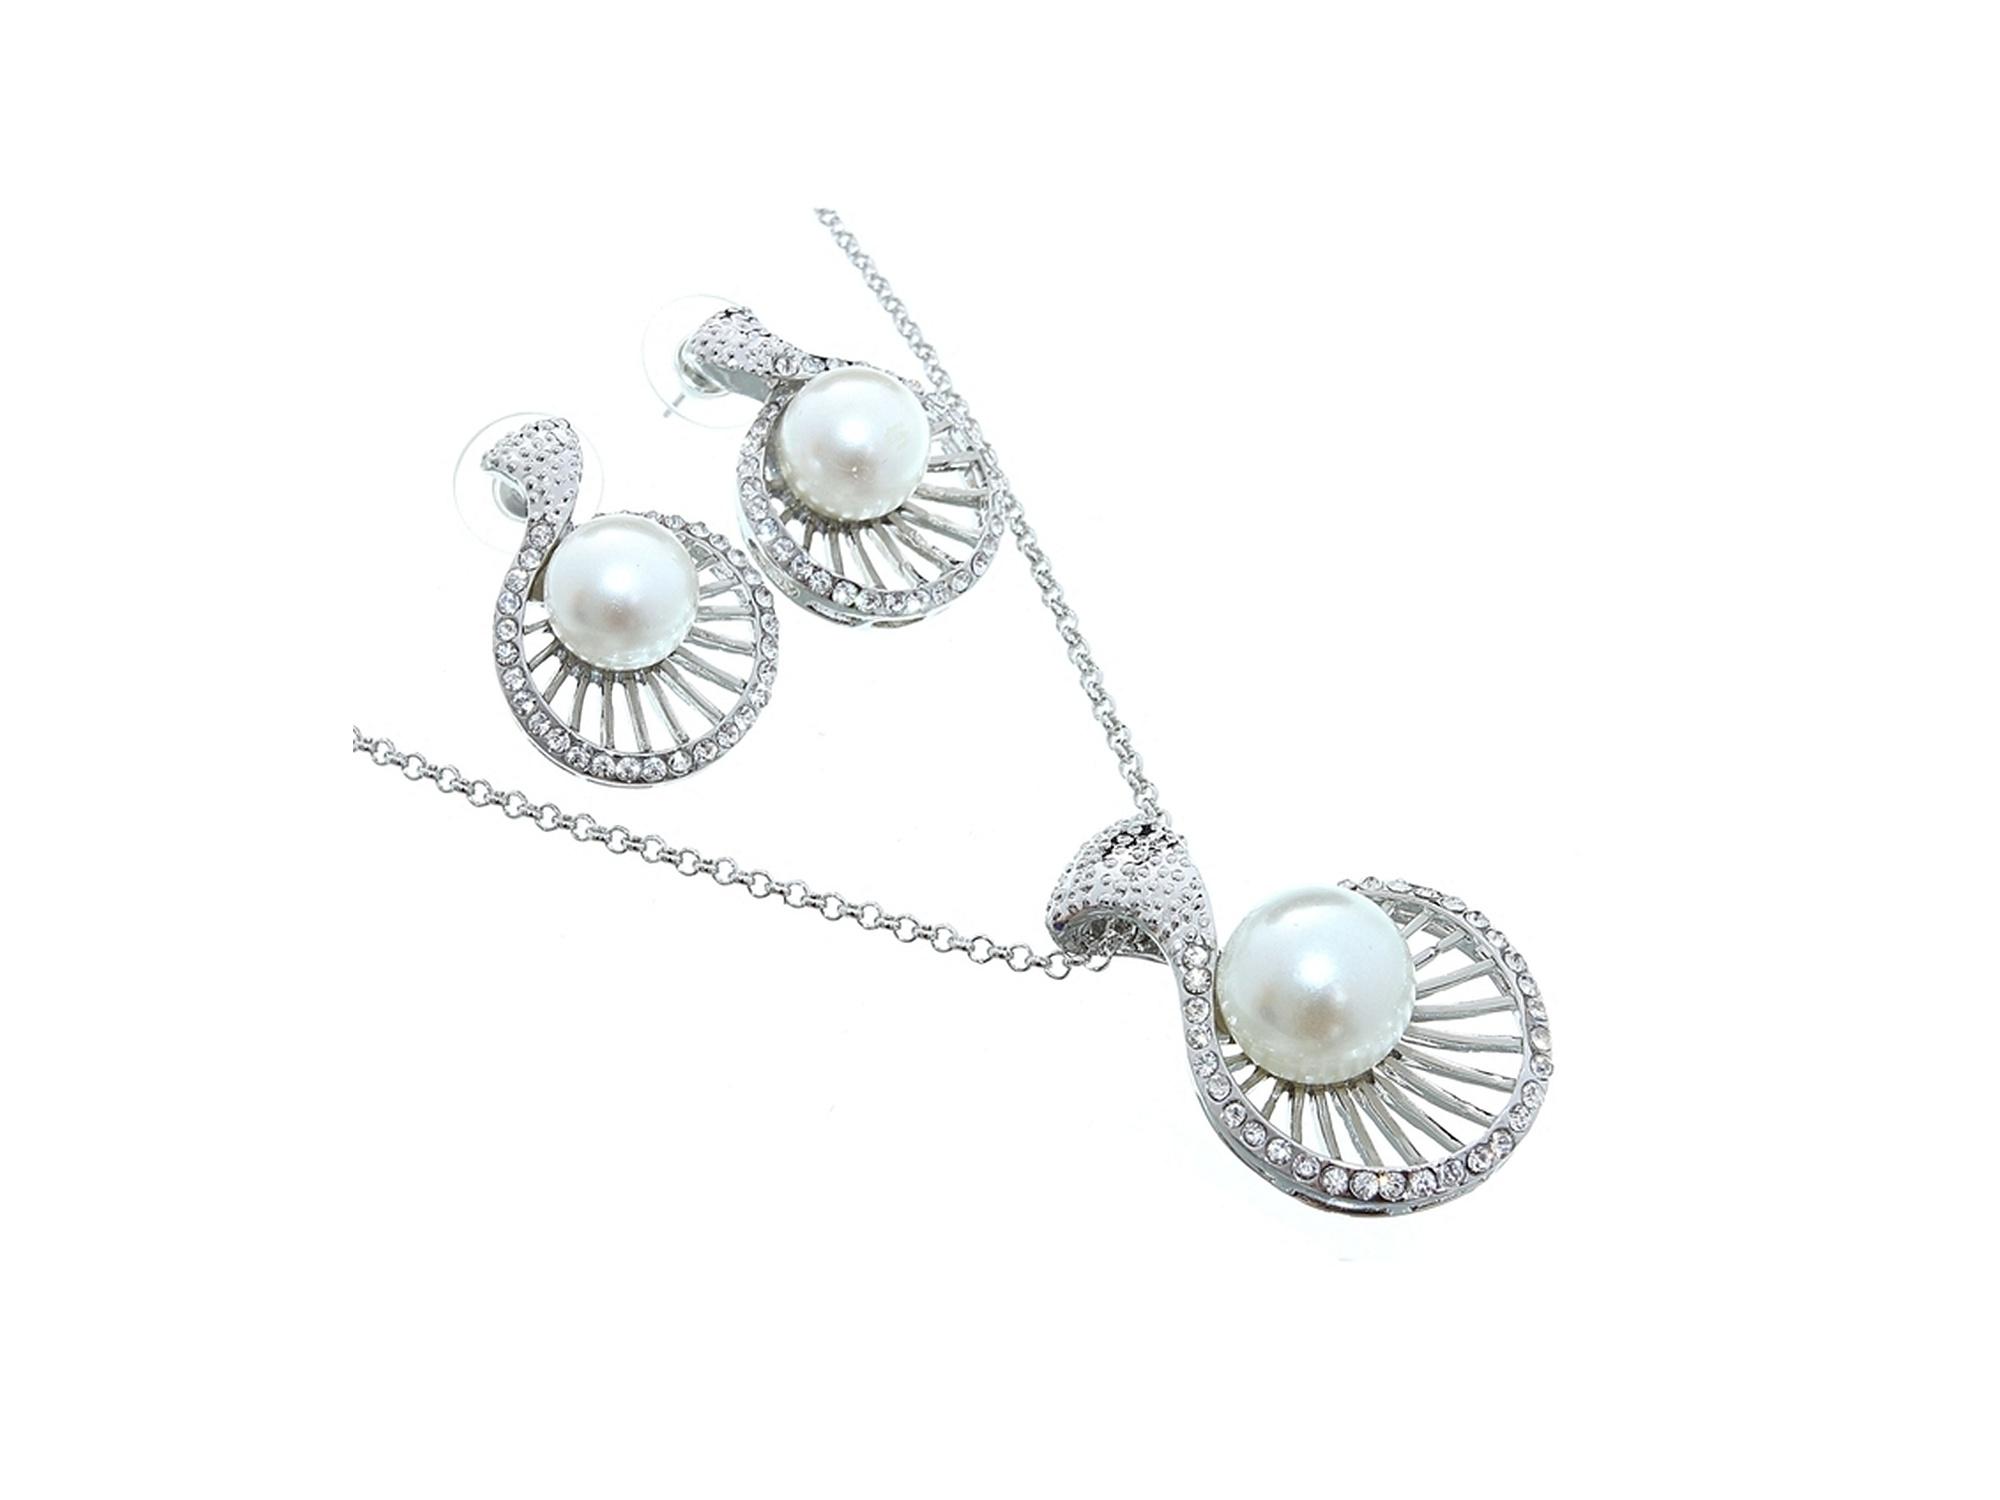 Свадебное украшение для невесты бижутерия №86 с жемчугом под серебро